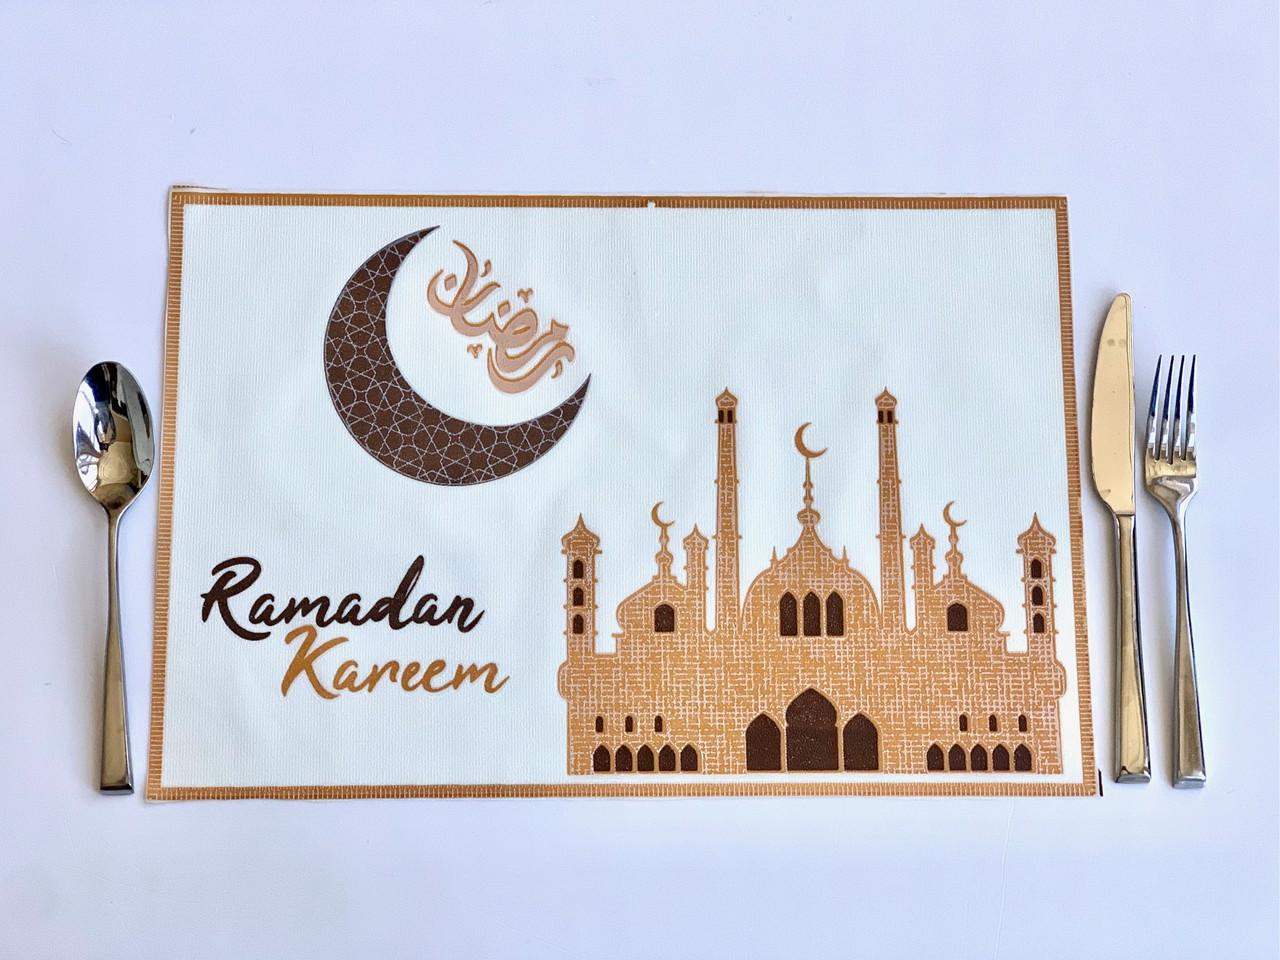 Ramadan Small Mosque Placemat Set